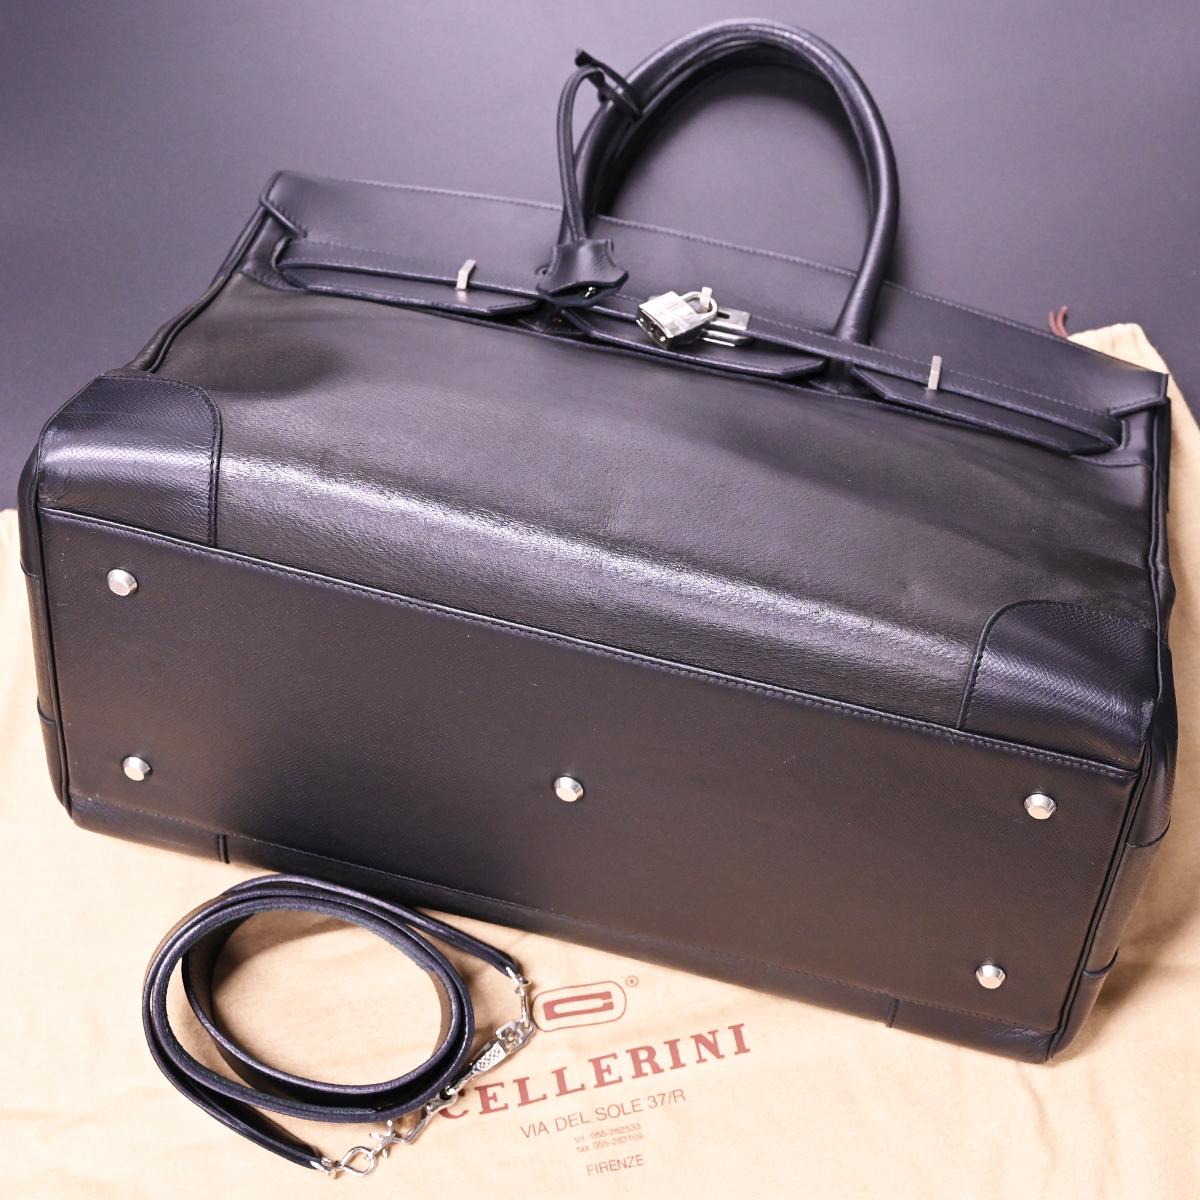 本物 チェレリーニ 極希少 ラージサイズ 2WAYフルレザー鍵付きメンズダッフルバッグ A4書類バーキン型ビジネスバッグ CELLERINI_画像4